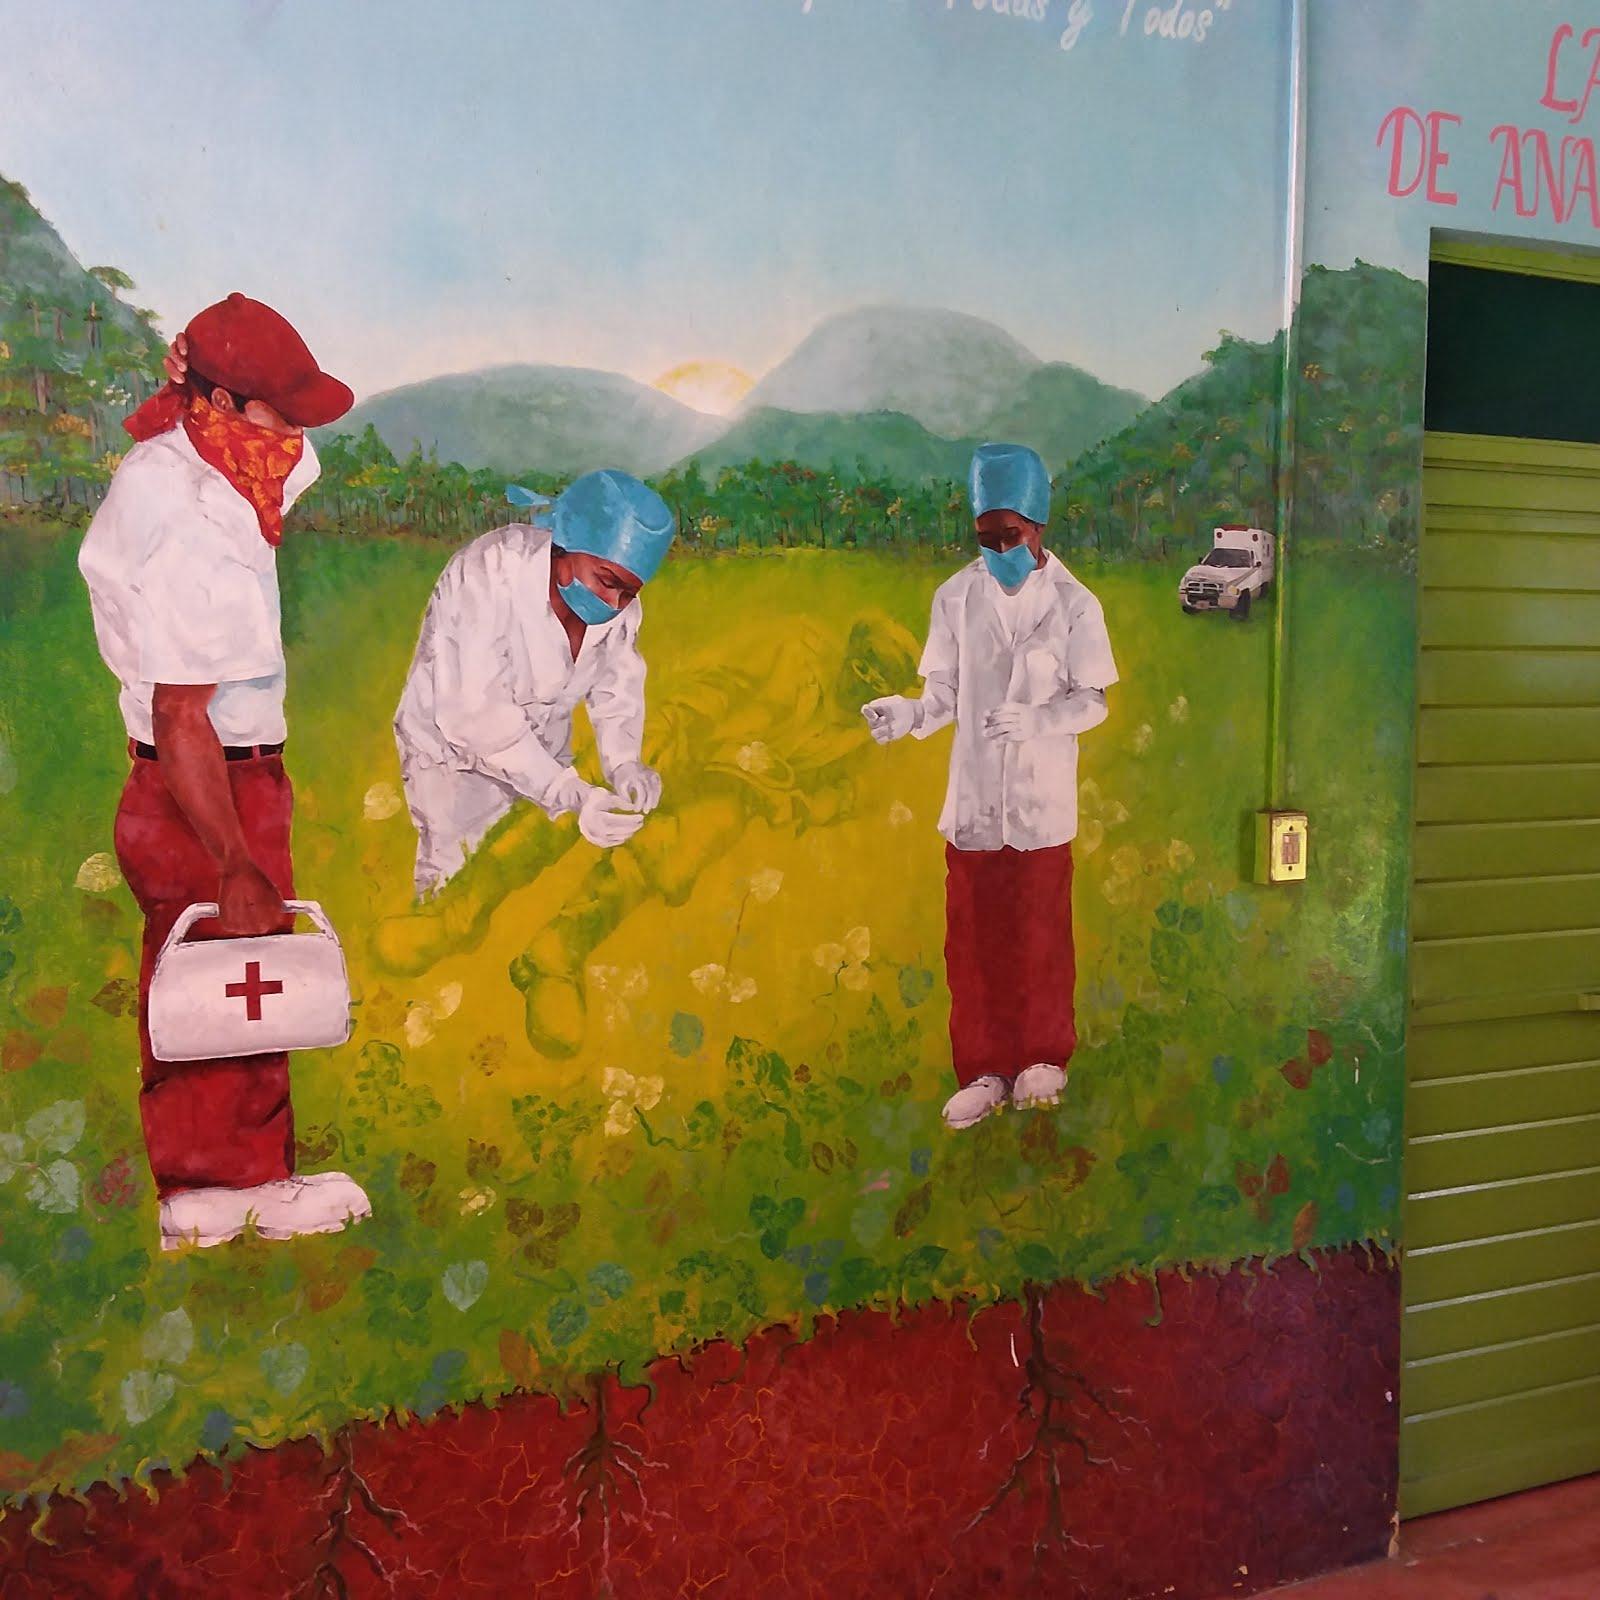 A sostegno della Salute Autonoma Zapatista